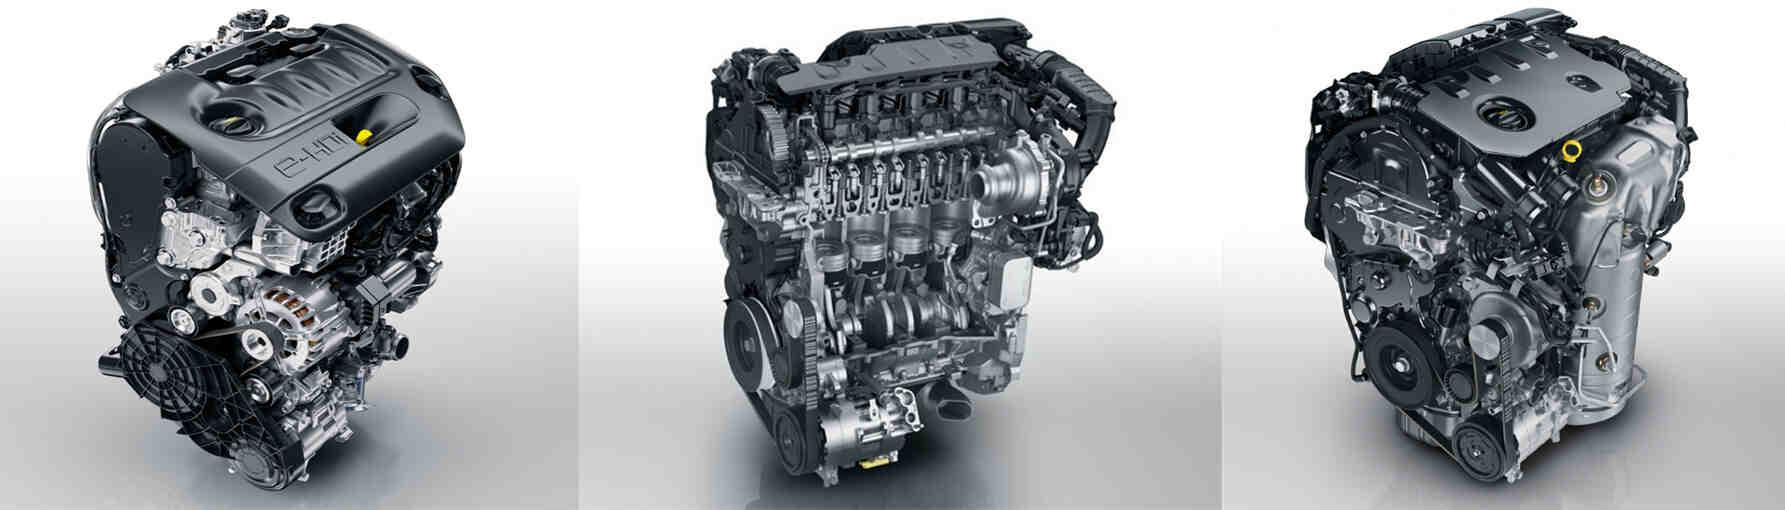 Quel est le meilleur moteur HDI?